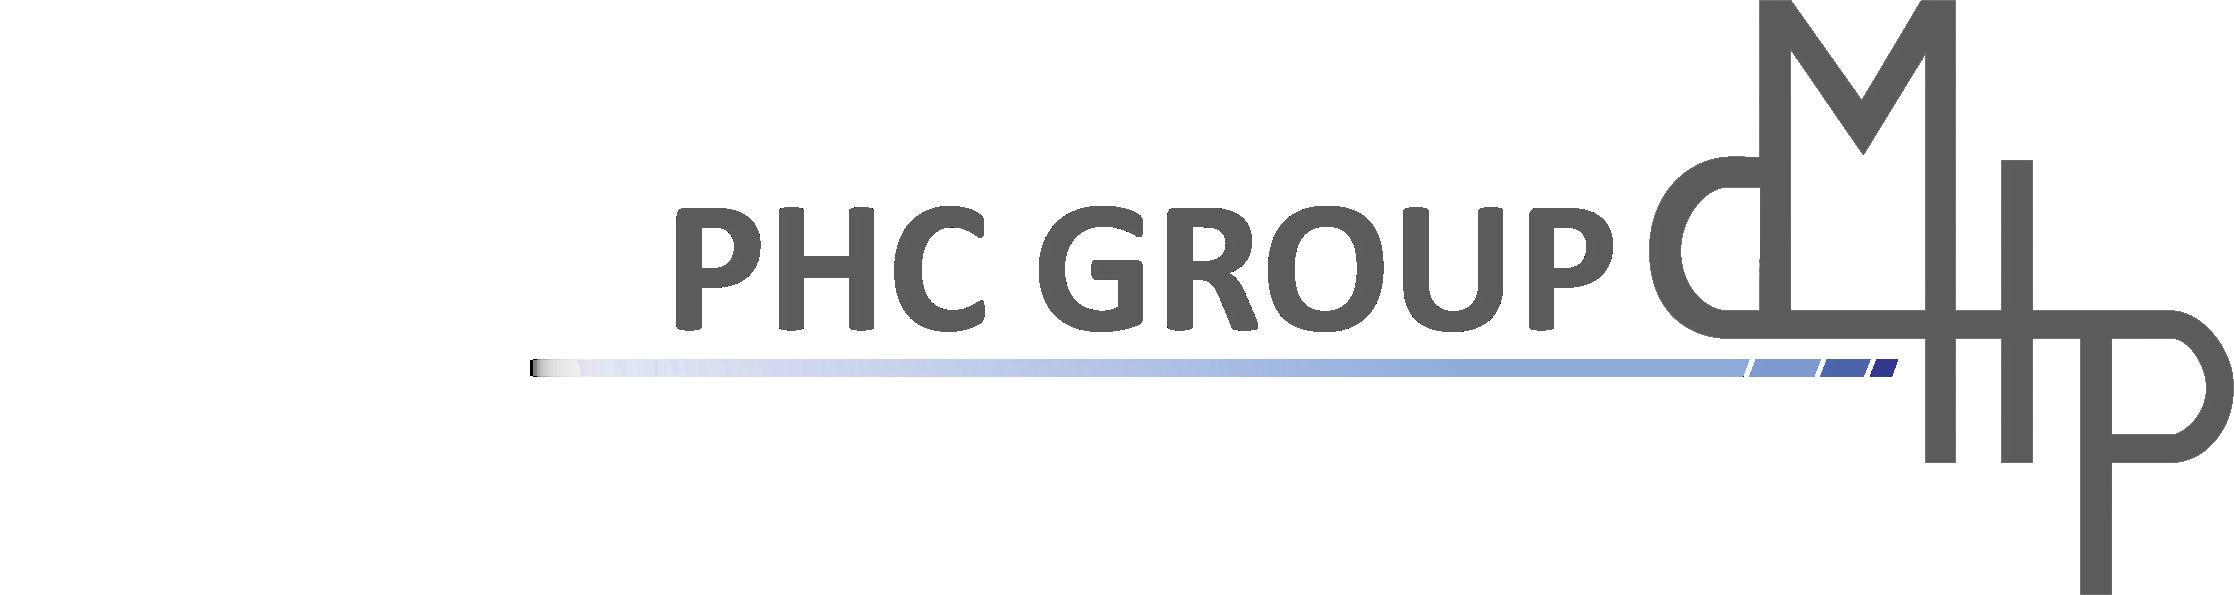 PHC GROUP